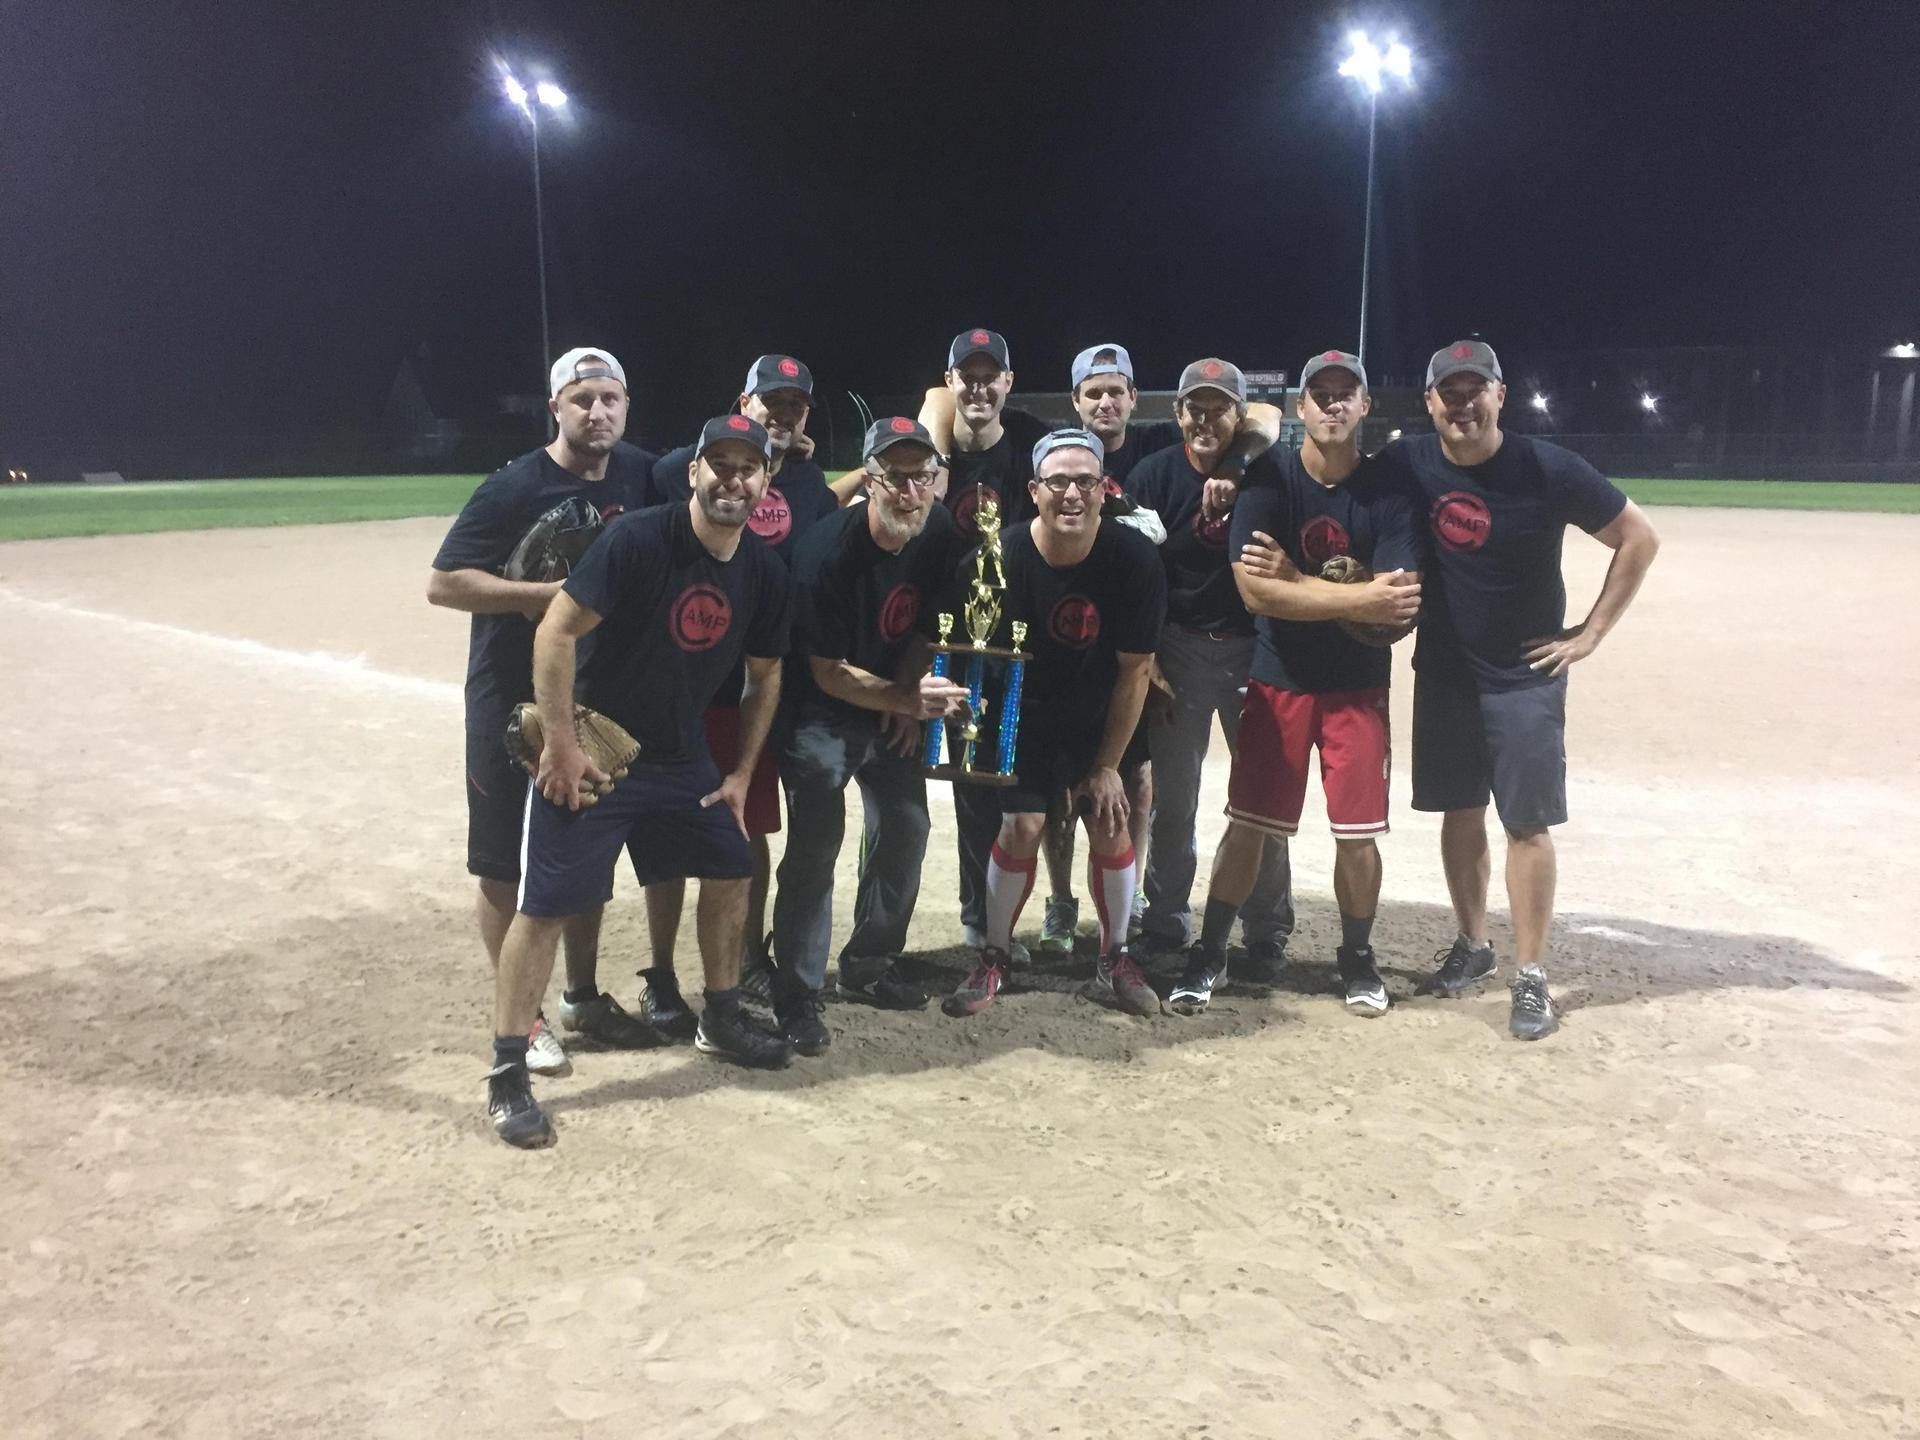 30+ Adult Softball champs